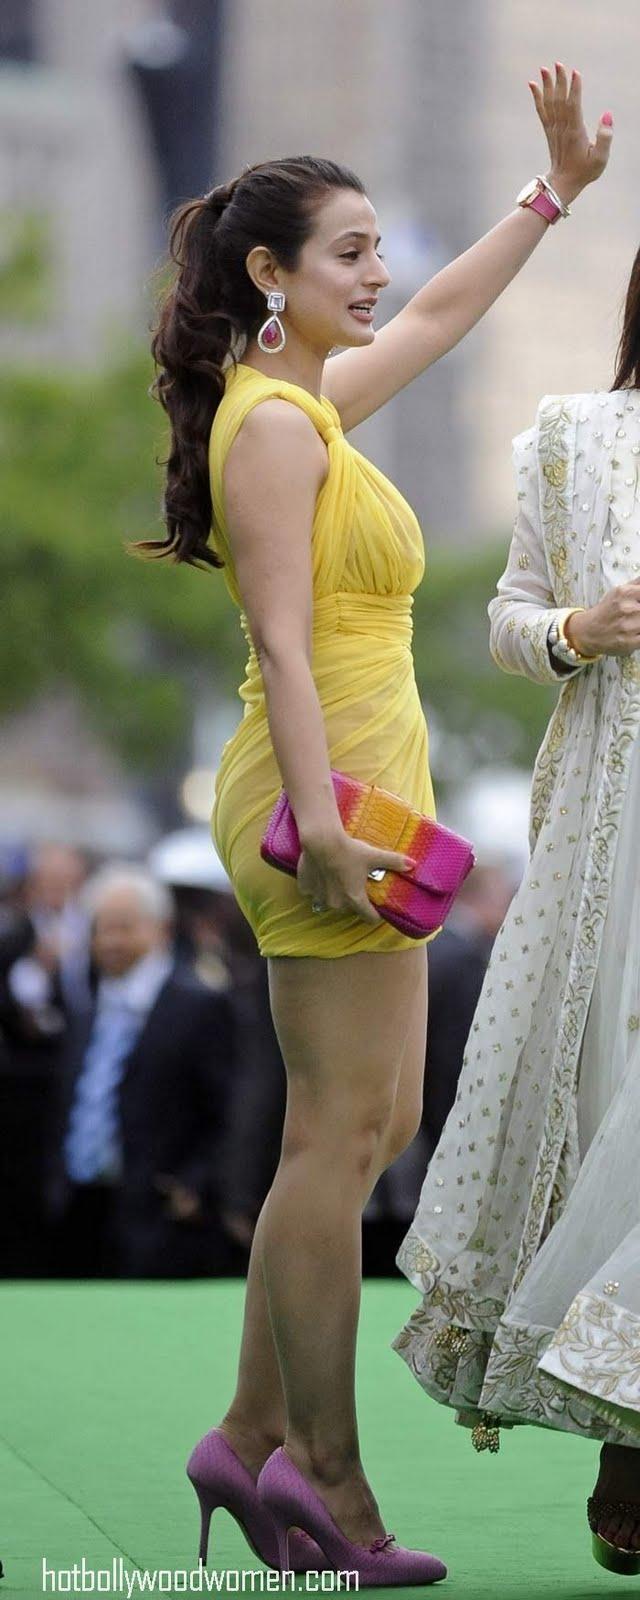 Amisha patel yellow bikini show - 1 part 5